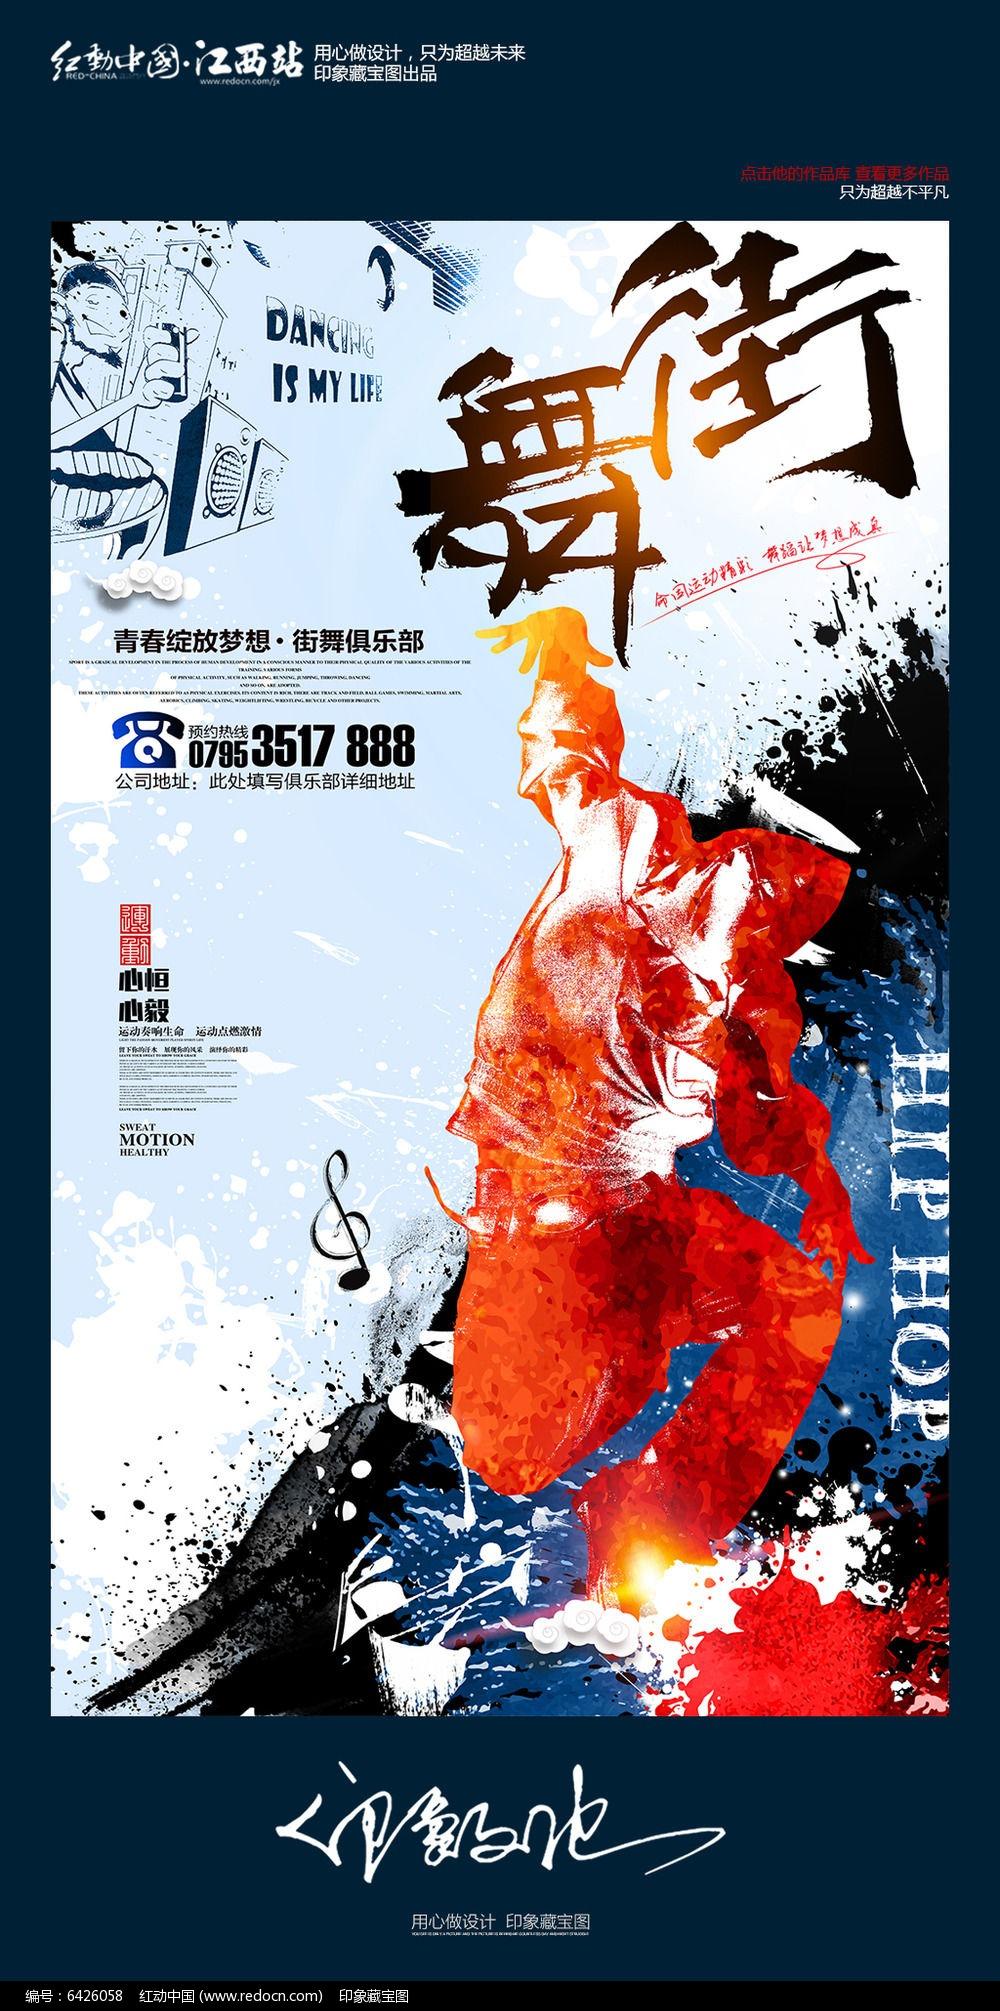 创意街舞比赛海报设计图片